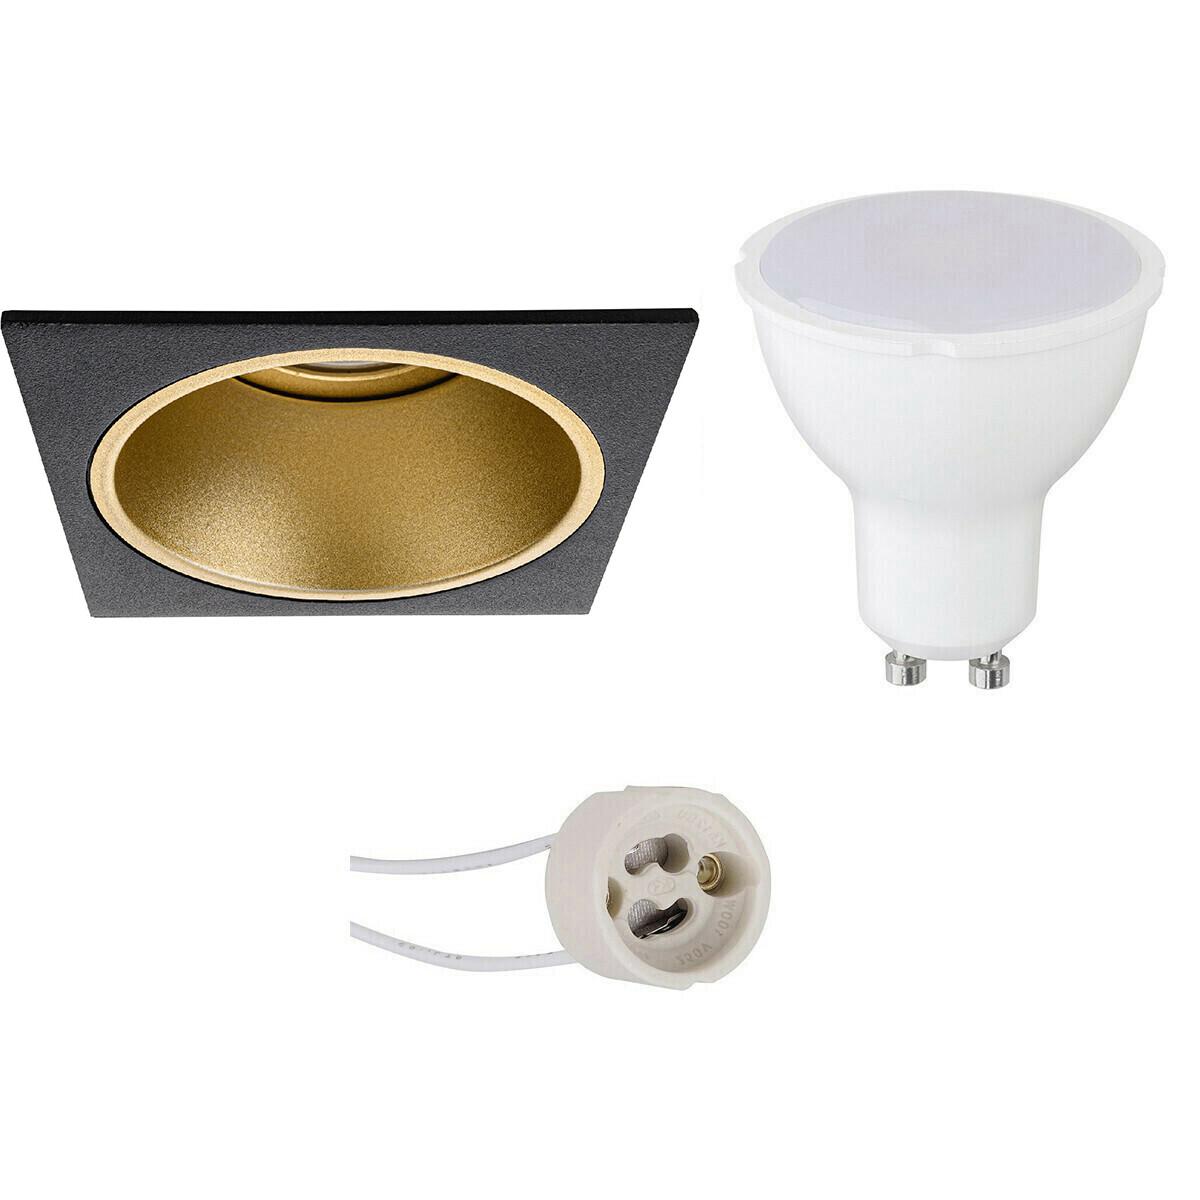 LED Spot Set - Pragmi Minko Pro - GU10 Fitting - Inbouw Vierkant - Mat Zwart/Goud - 8W - Natuurlijk